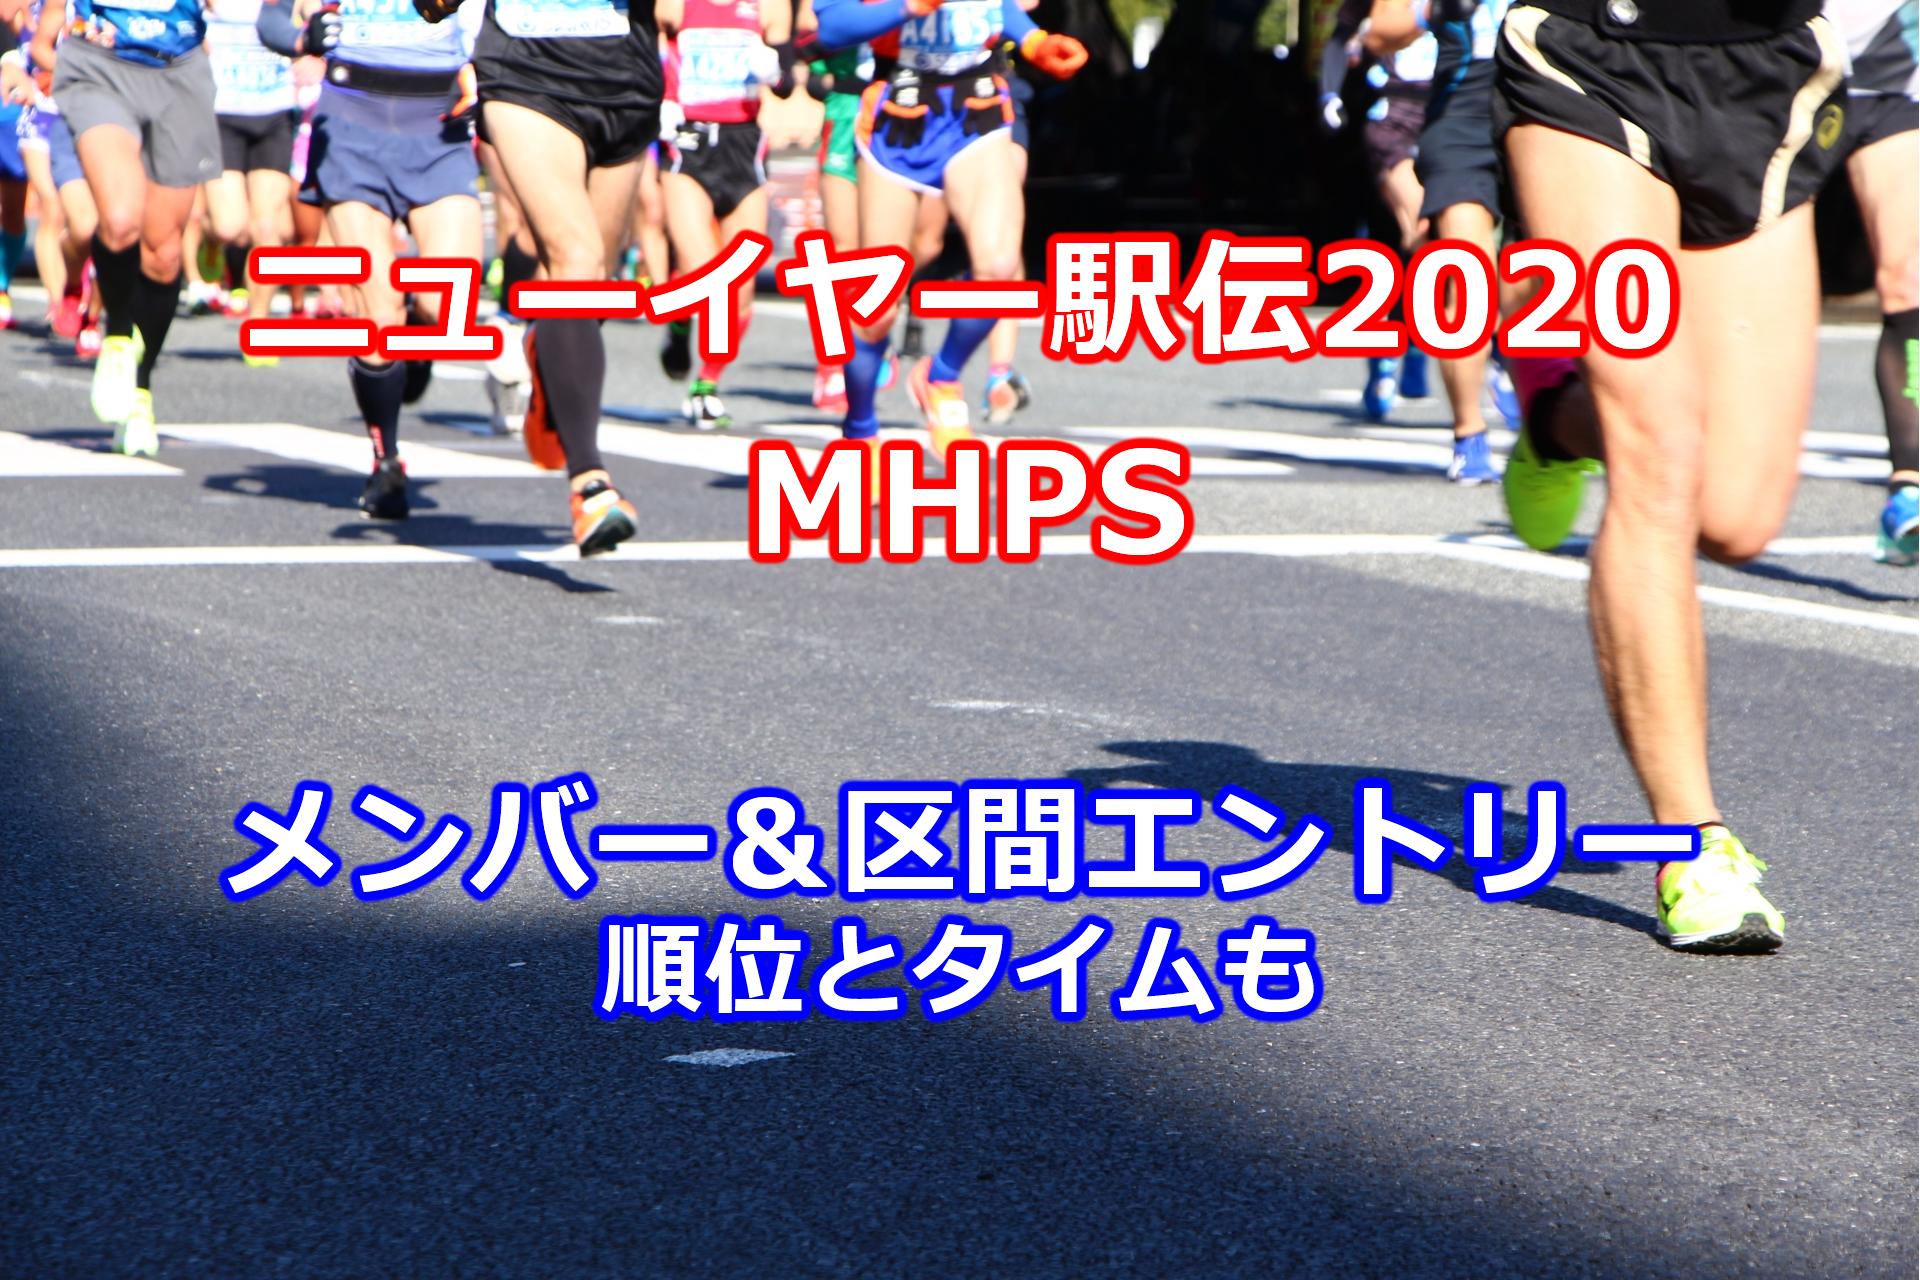 ニューイヤー駅伝2020MHPSメンバー・区間エントリー・結果・順位・タイムまとめ